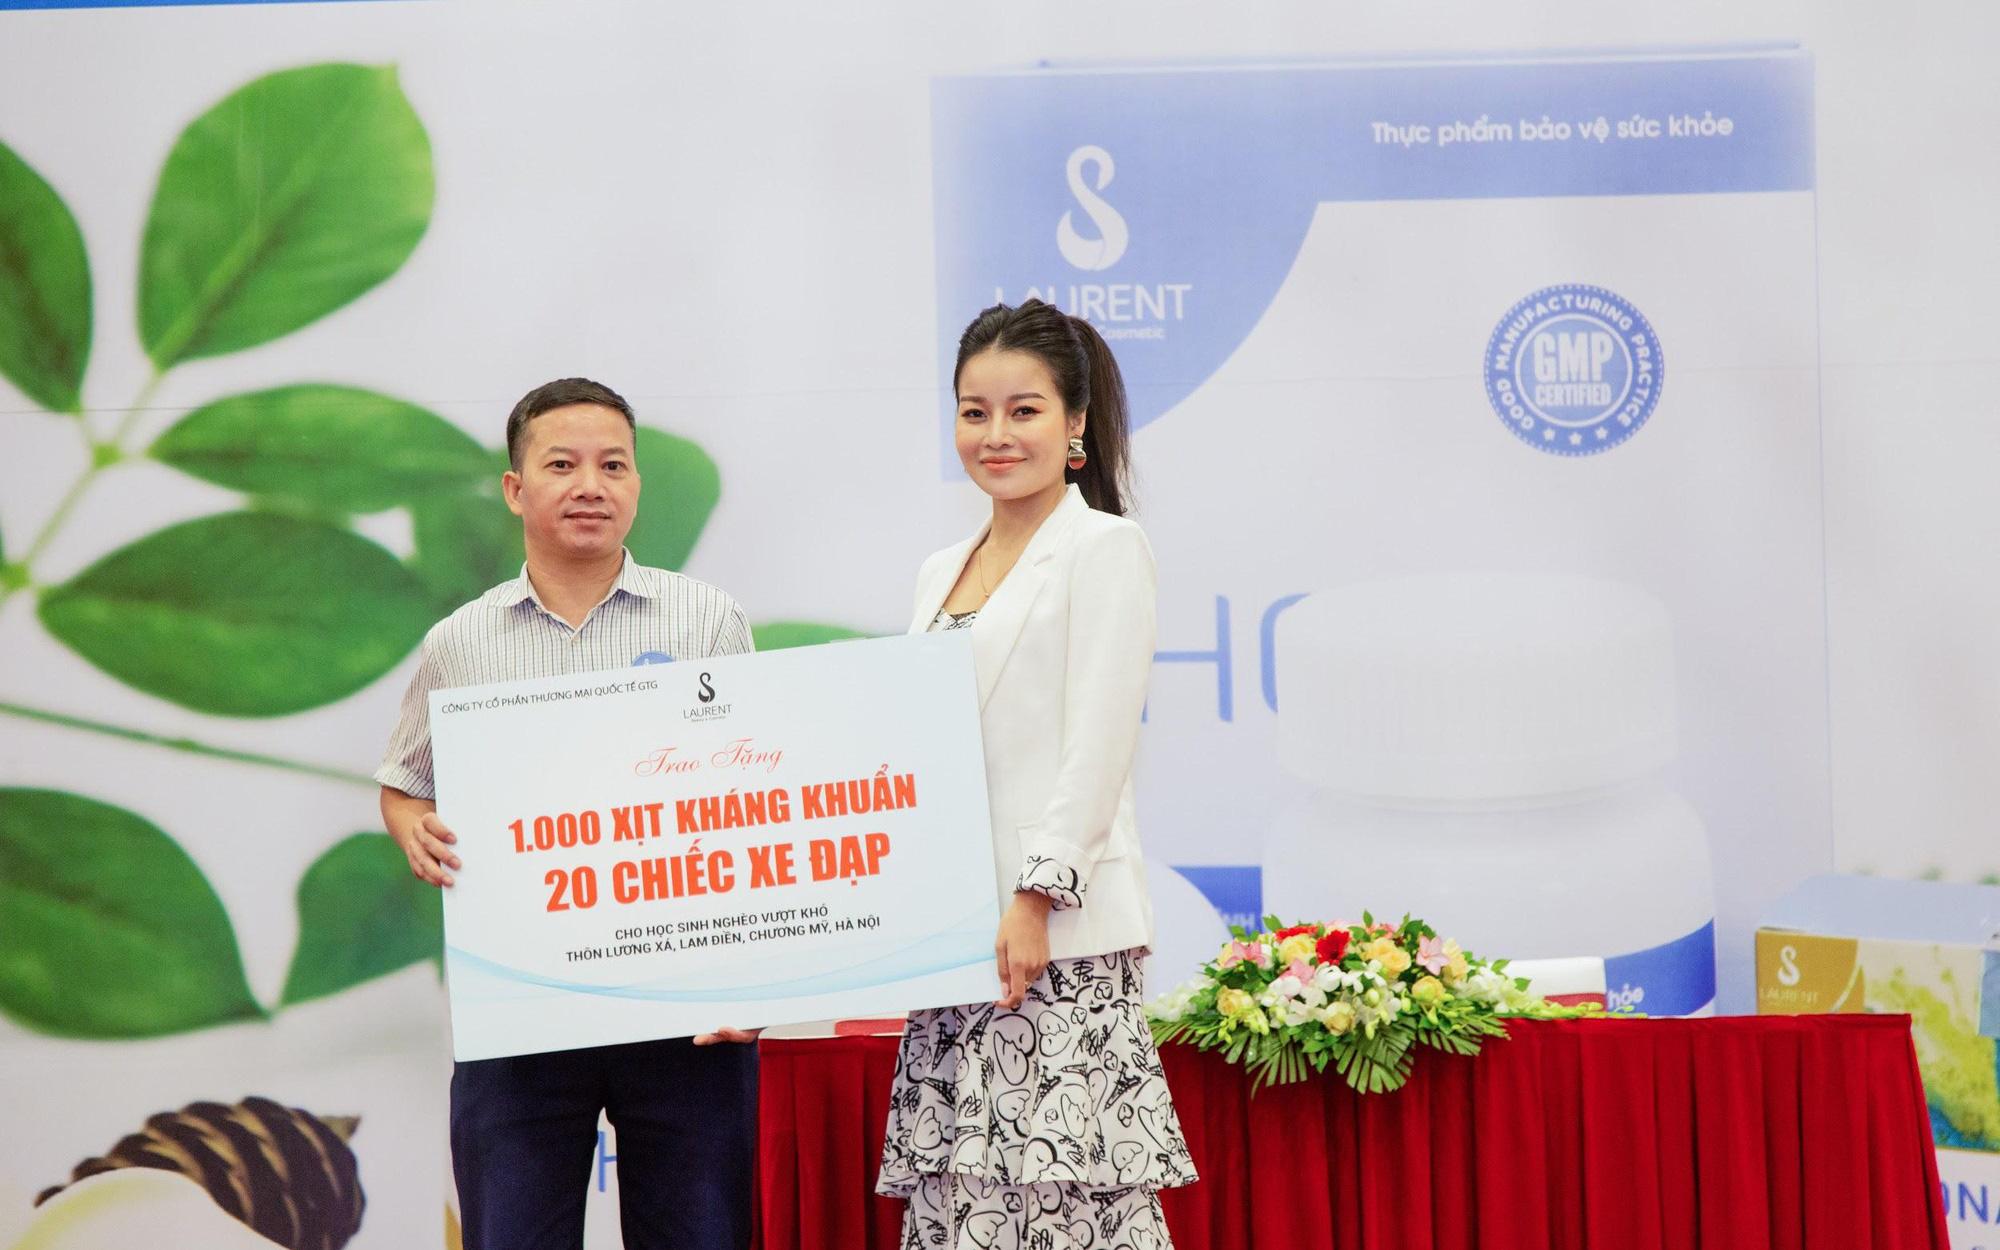 Ceo Đỗ Cao An Nhiên - nữ doanh nhân trẻ với tấm lòng nhân ái hướng về quê hương